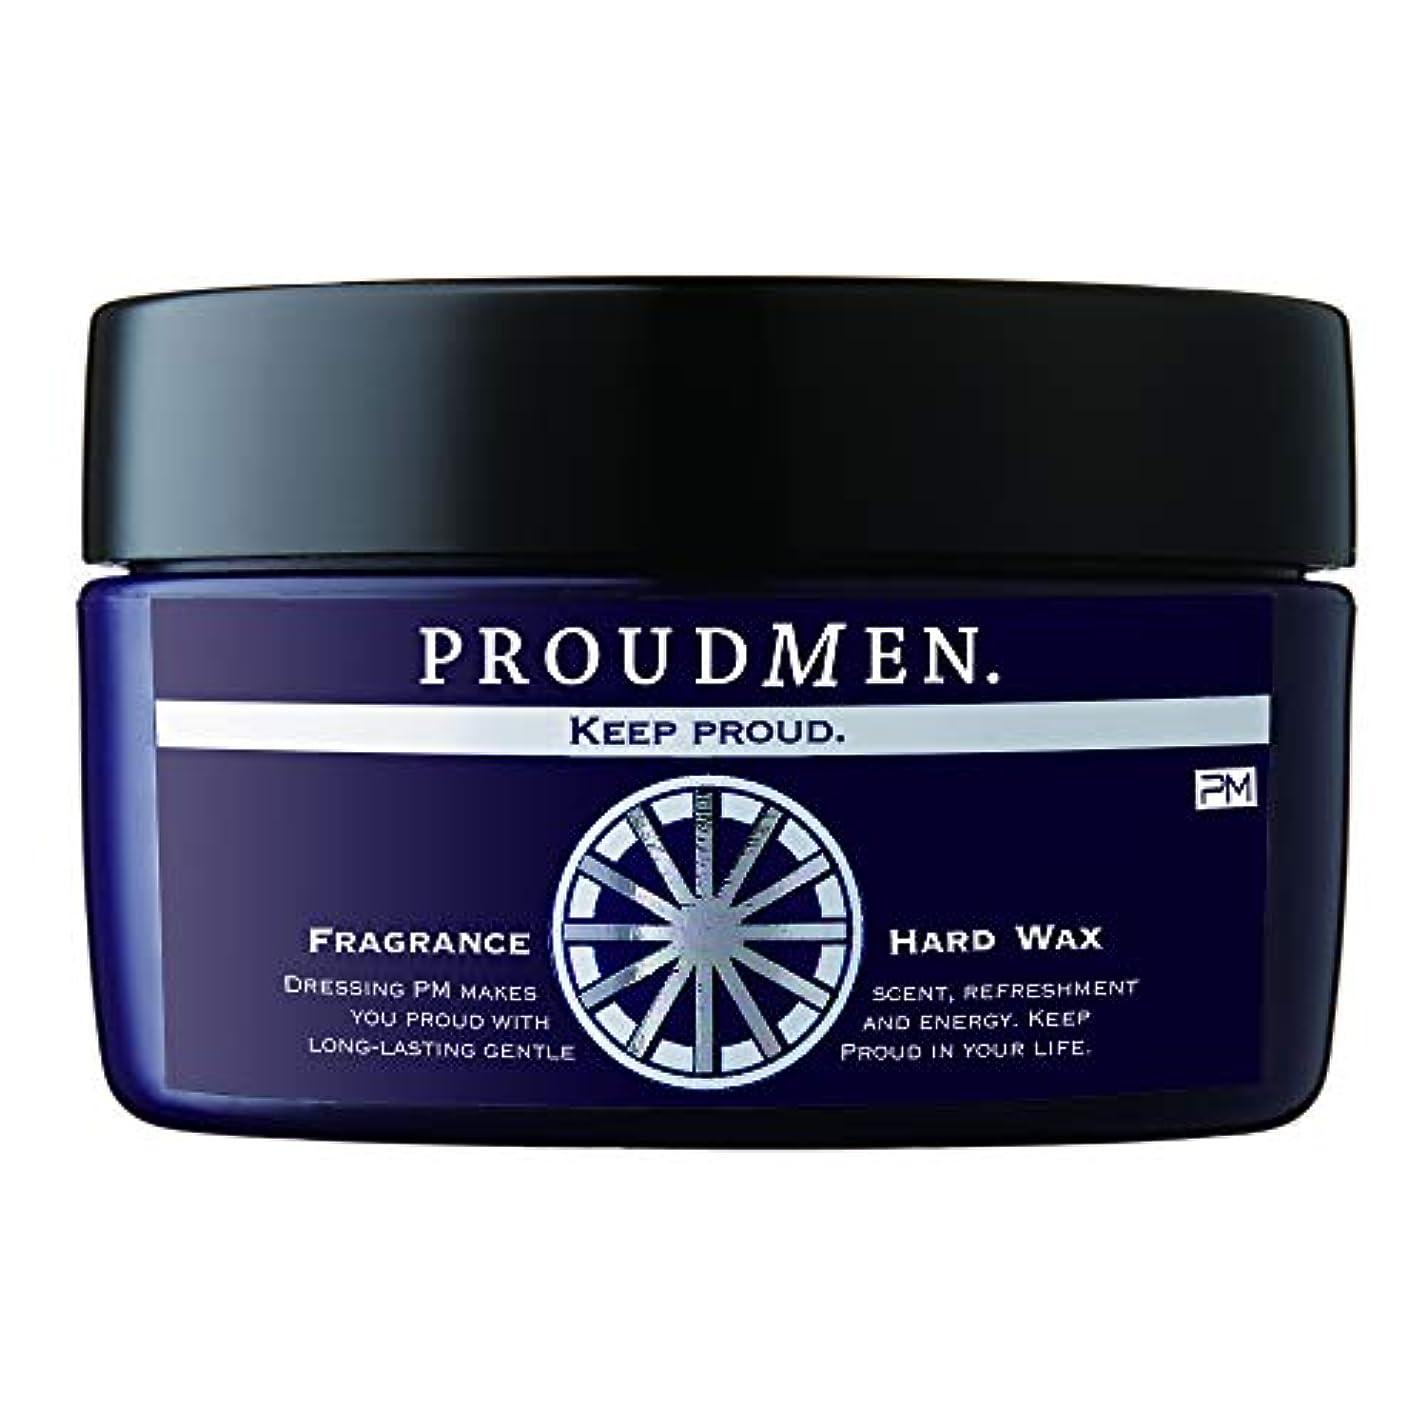 軸限り床を掃除するプラウドメン フレグランスハードワックス 60g (グルーミング?シトラスの香り) 整髪料 スタイリング剤 ヘアワックス メンズ 男性